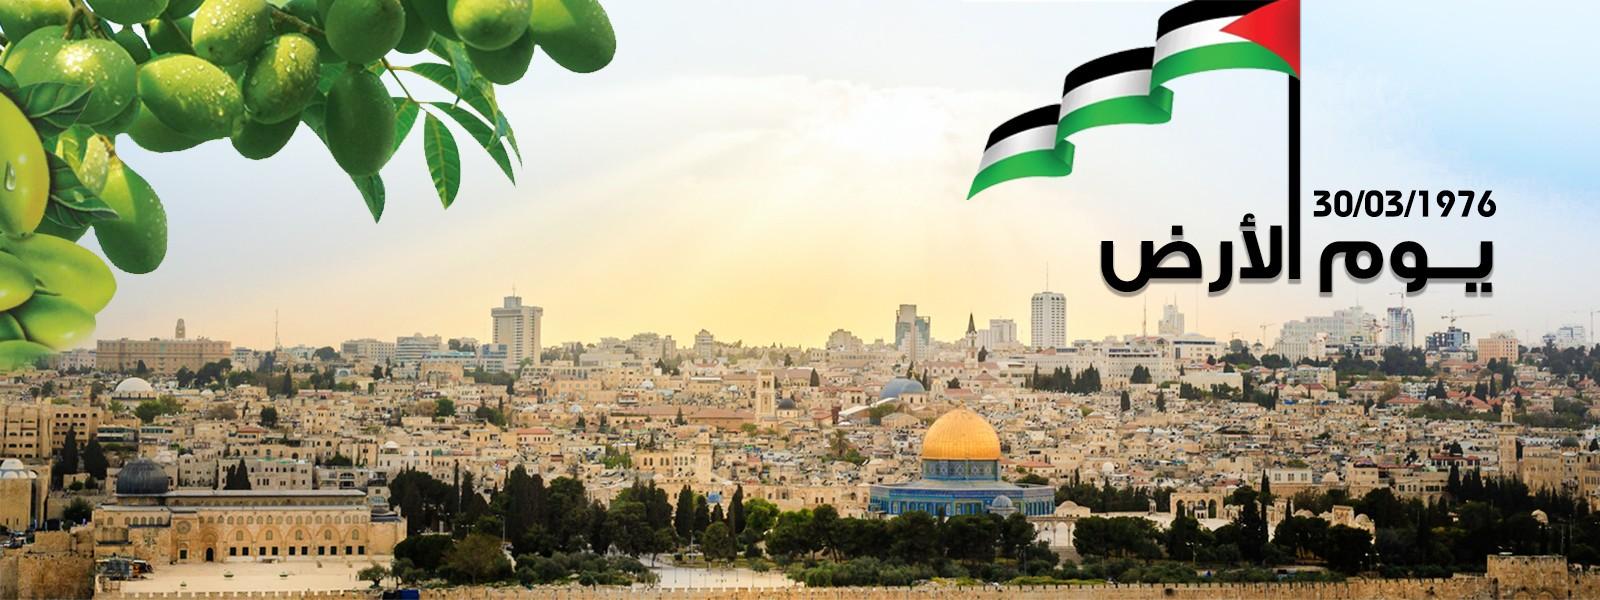 ذكرى يوم الأرض الفلسطيني